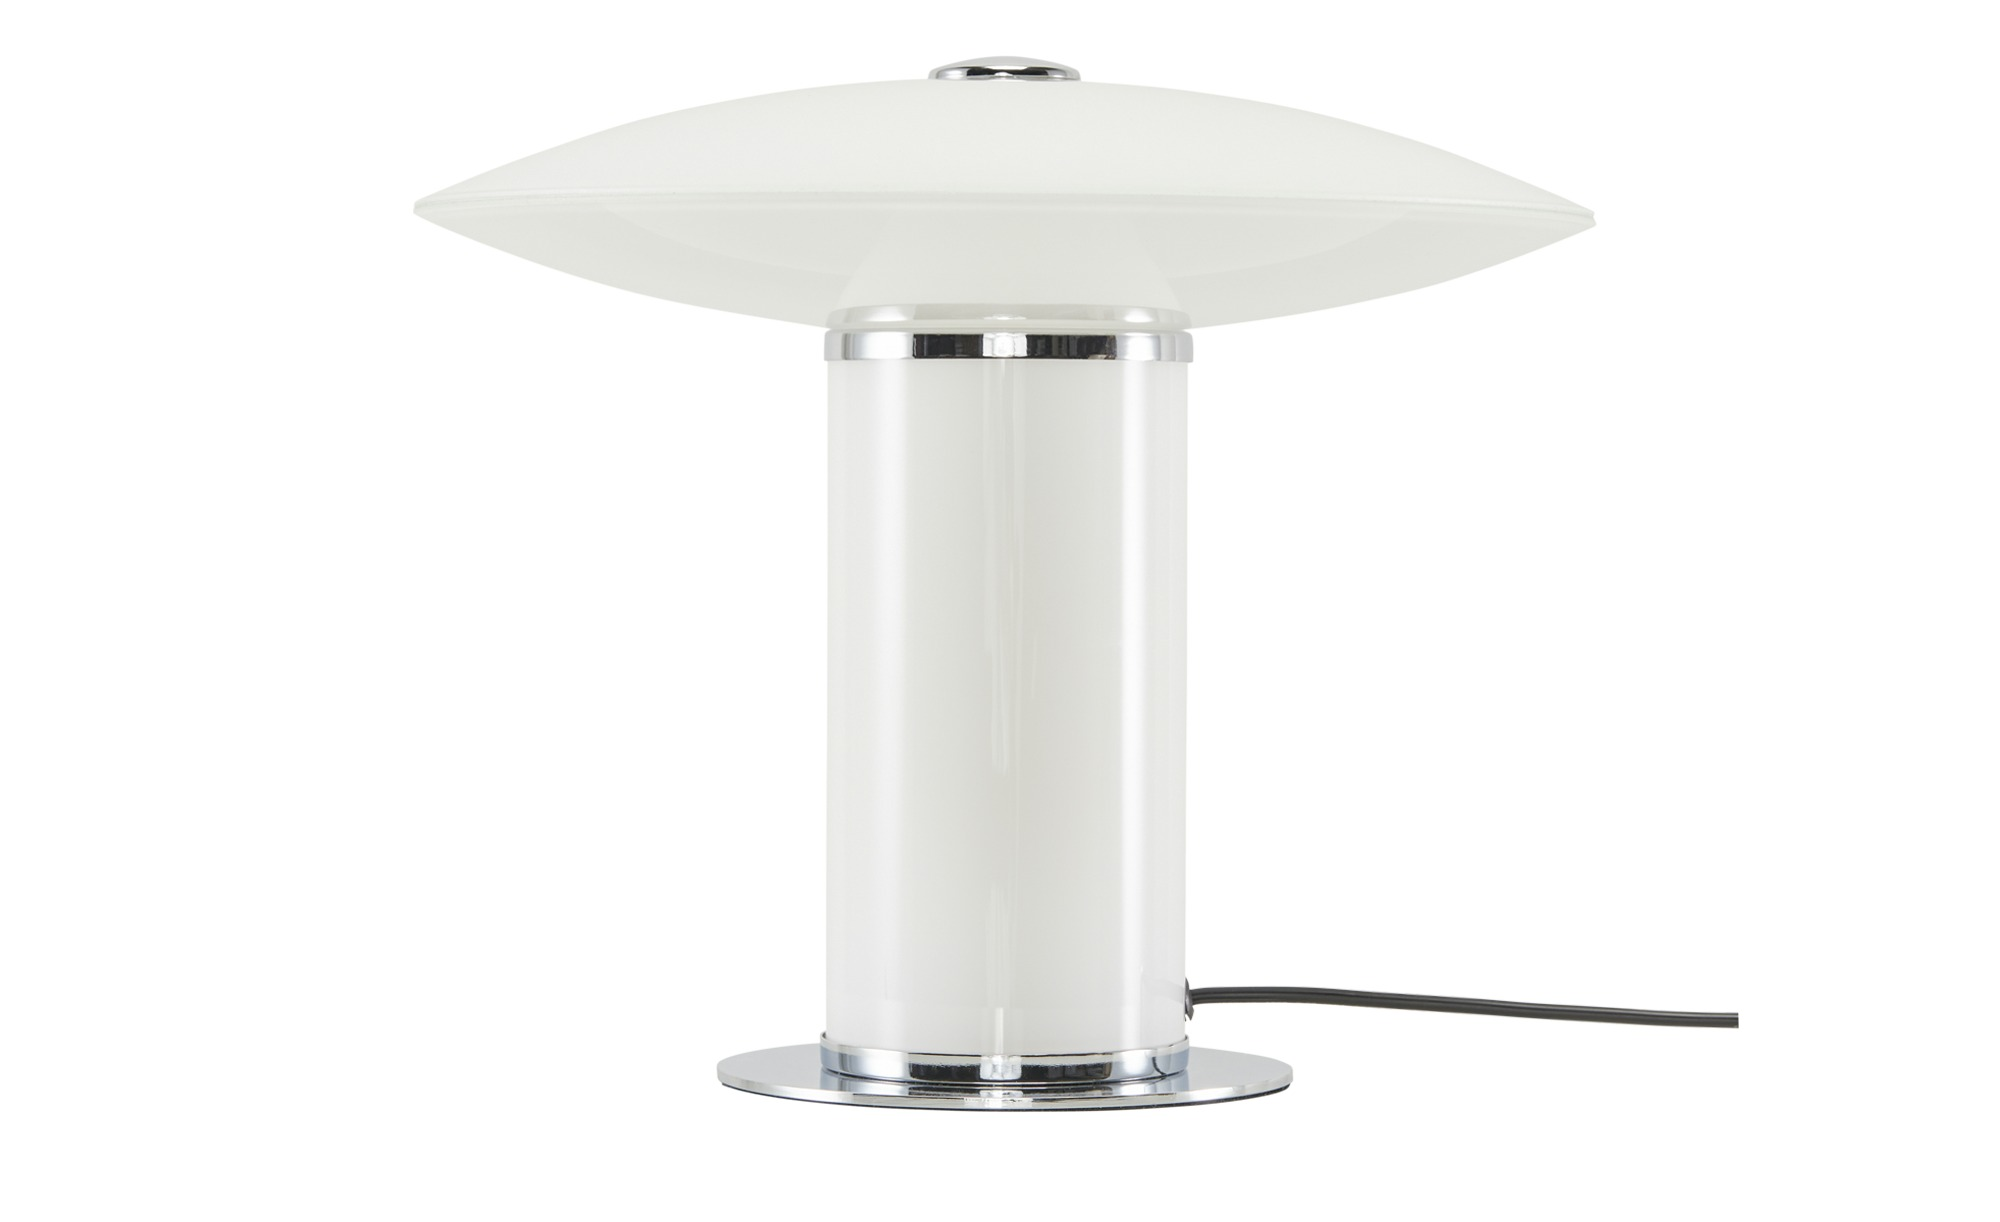 Meisterleuchten LED-Tischleuchte, Glas weiß ´Pilz´ ¦ weiß ¦ Maße (cm): H: 30 Ø: 32 Lampen & Leuchten > Innenleuchten > Tischlampen - Höffner